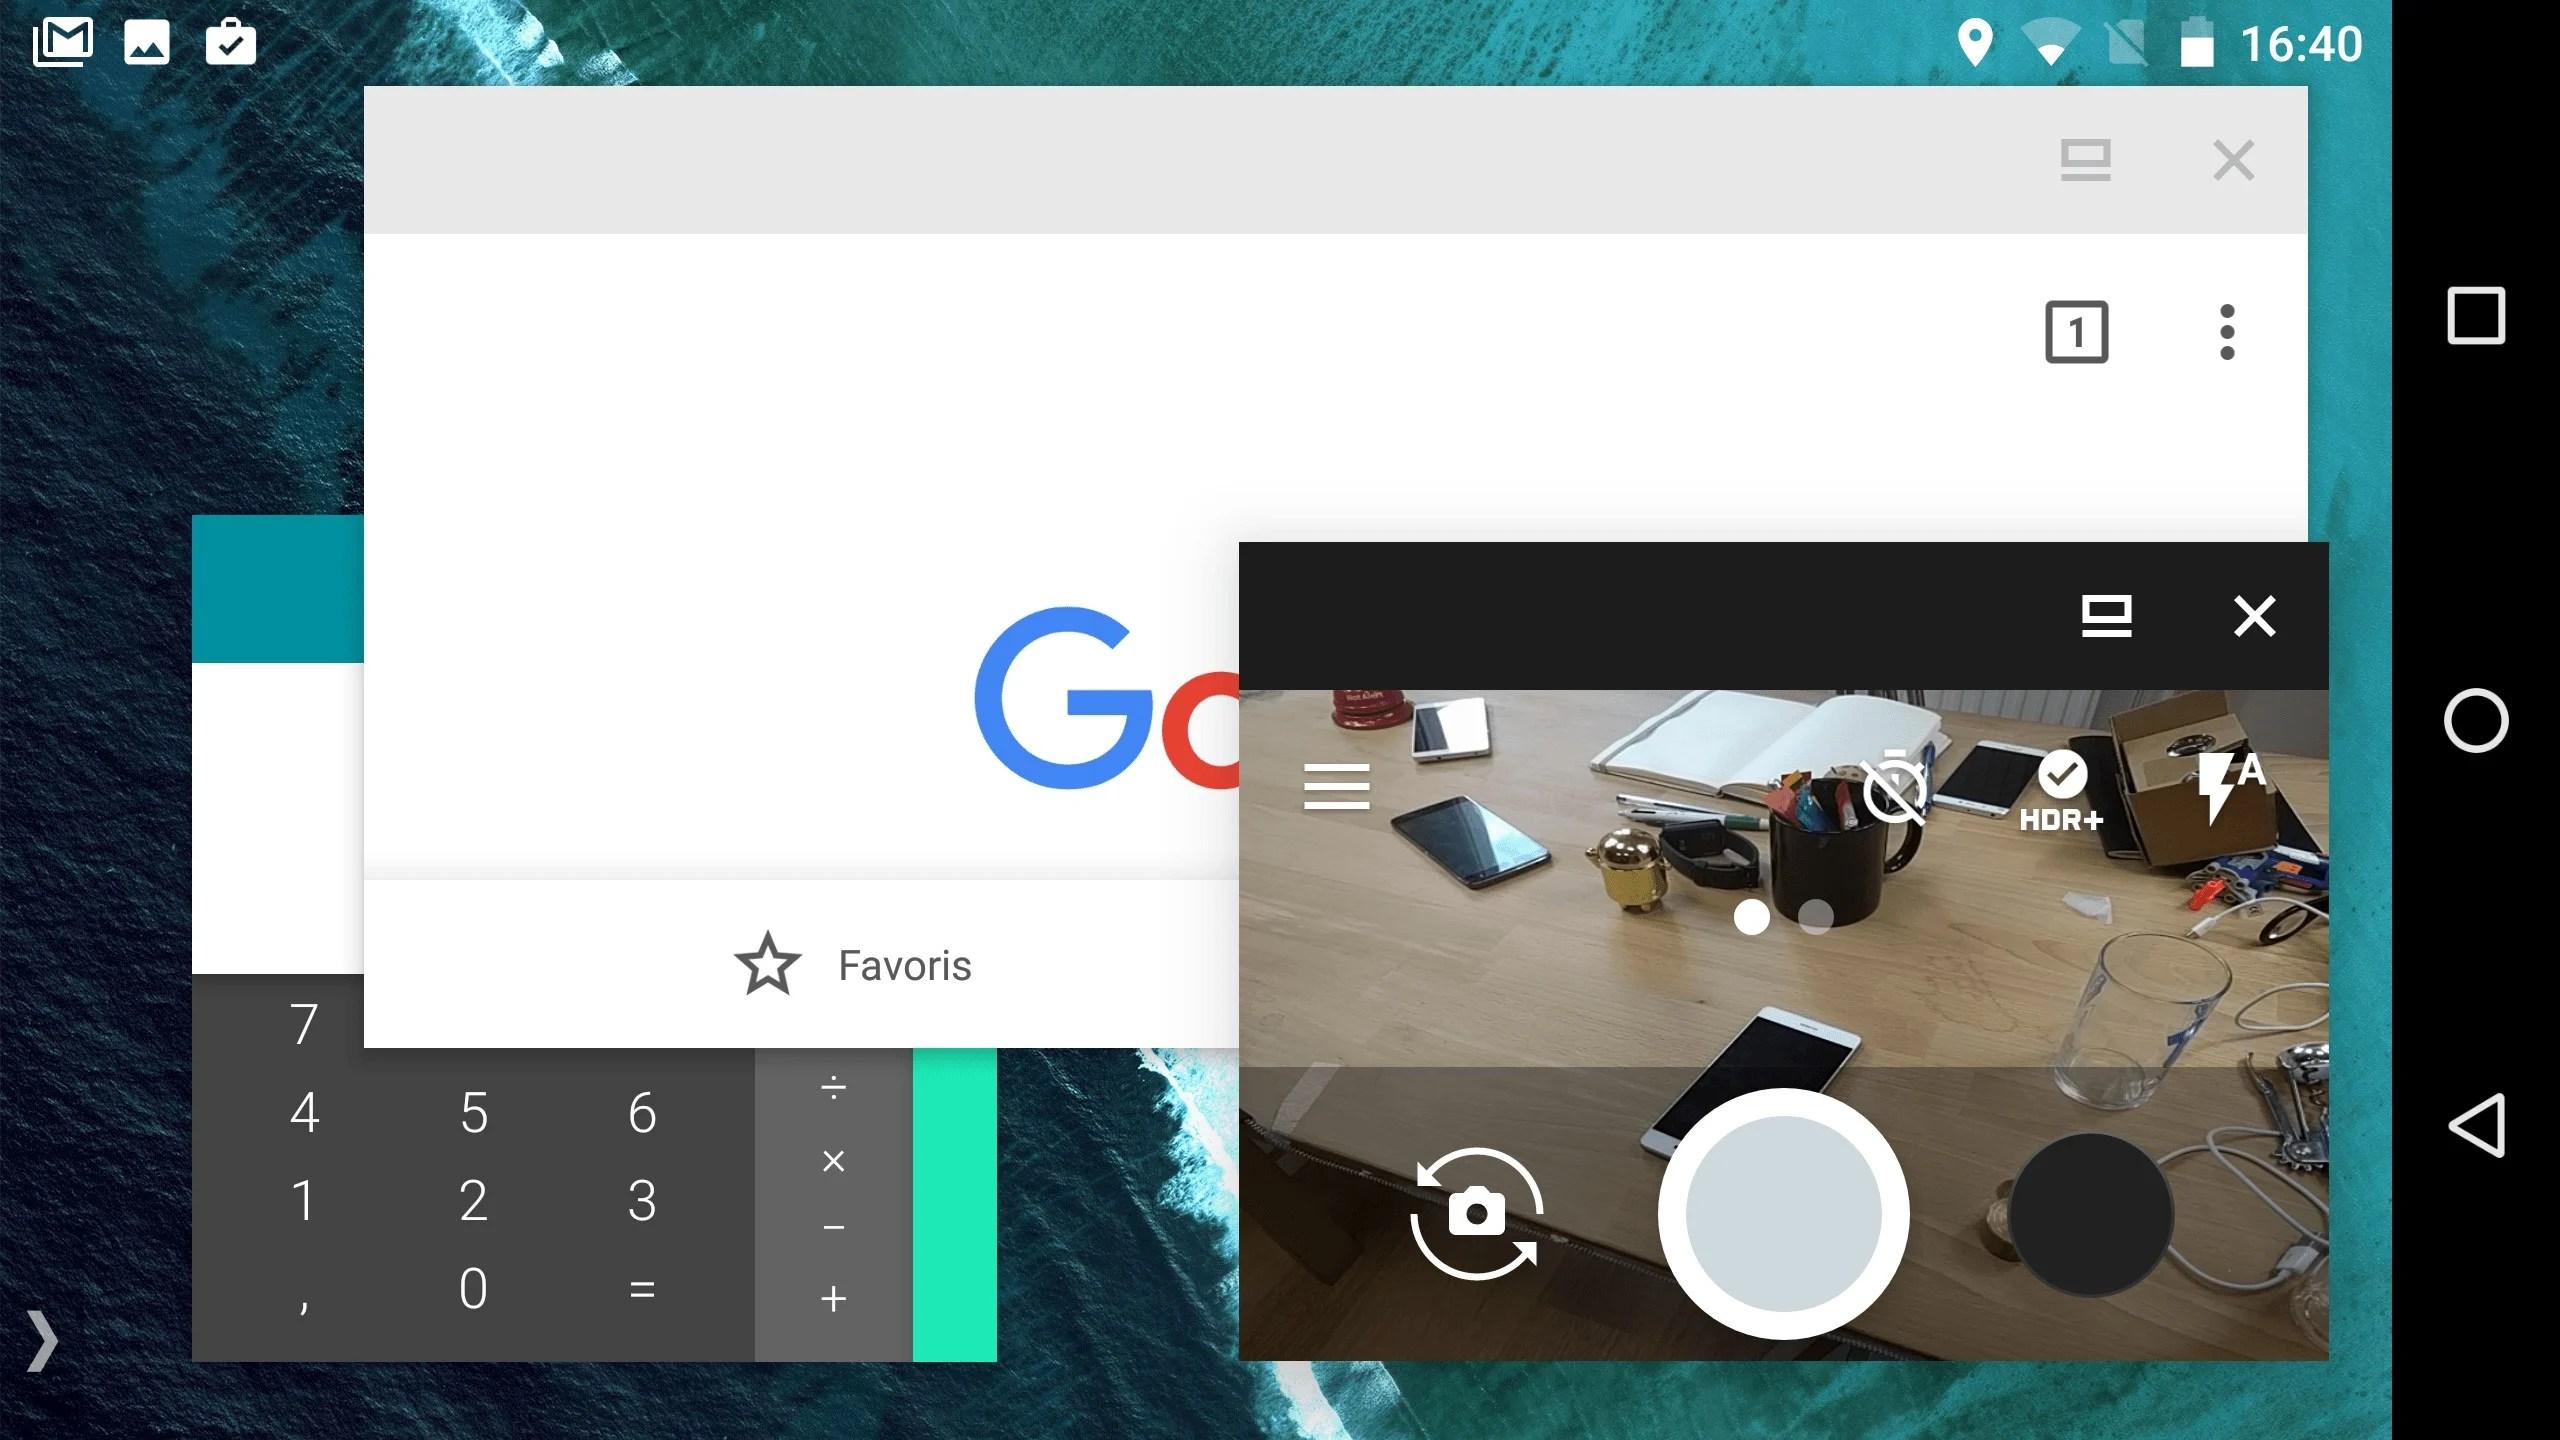 Comment activer le mode fenêtré sous Android 7.0 Nougat sans root ? – Tutoriel